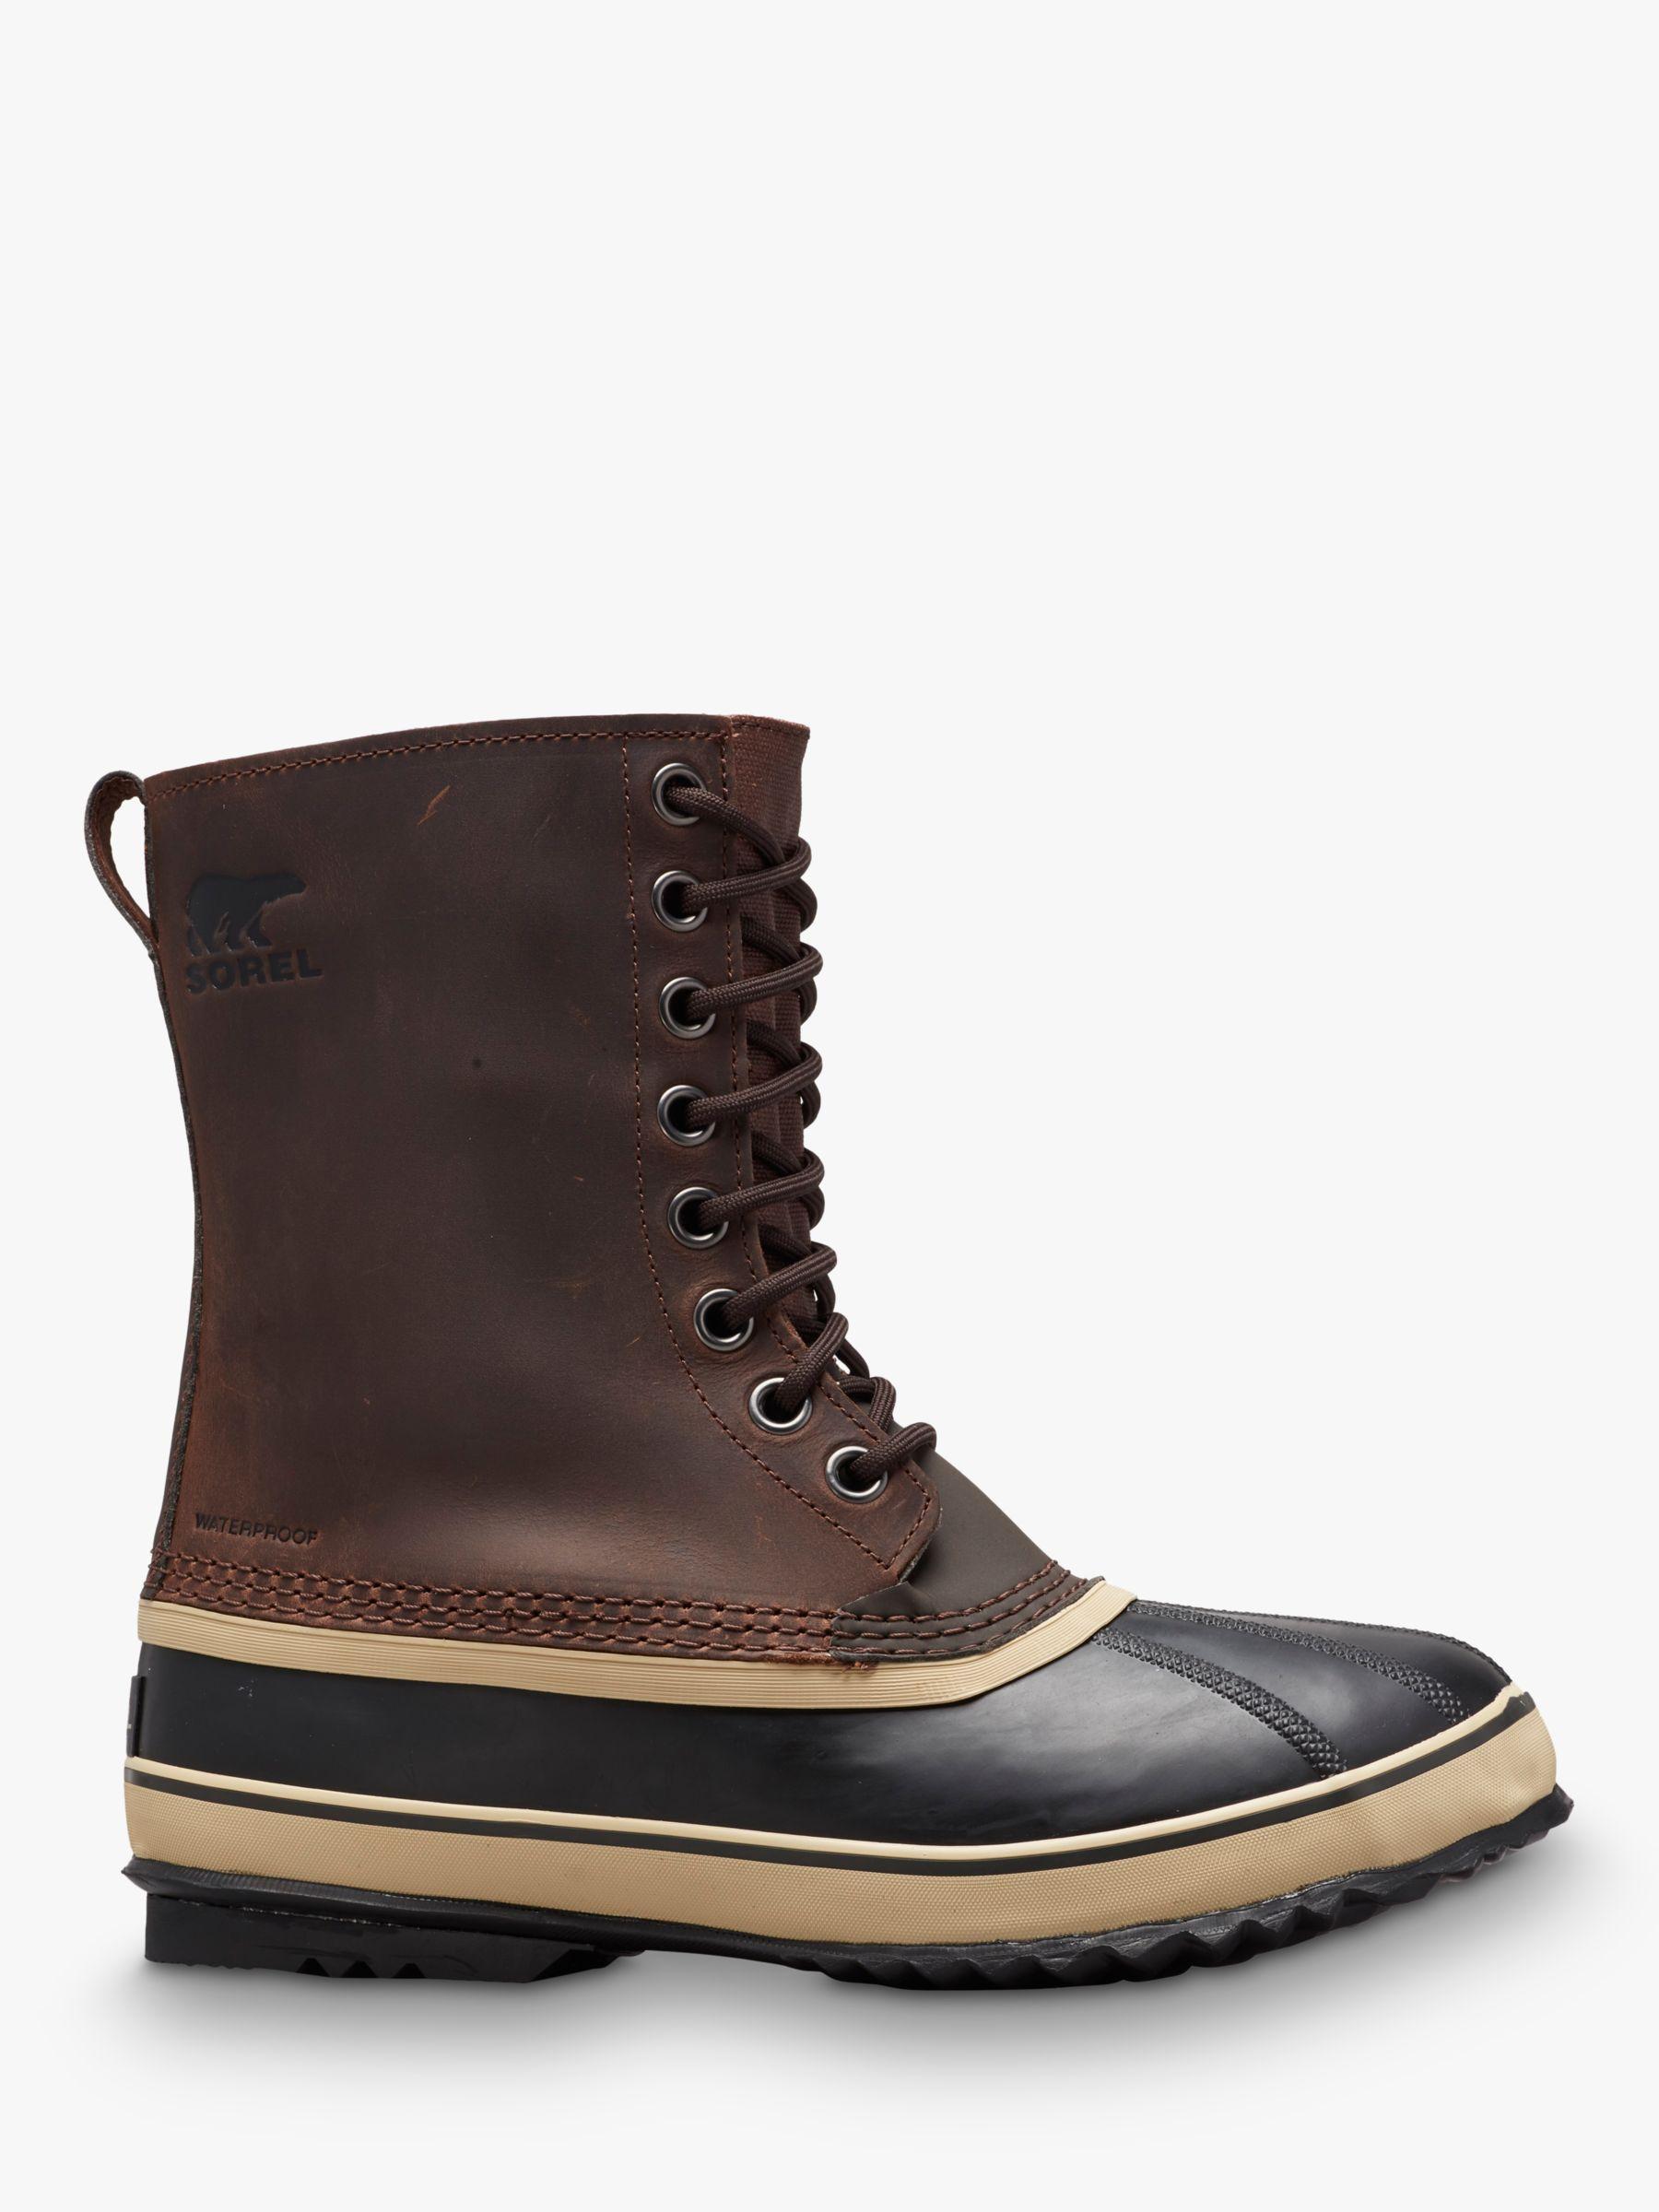 Sorel SORWL 1964 LTR Snow Boots, Tobacco